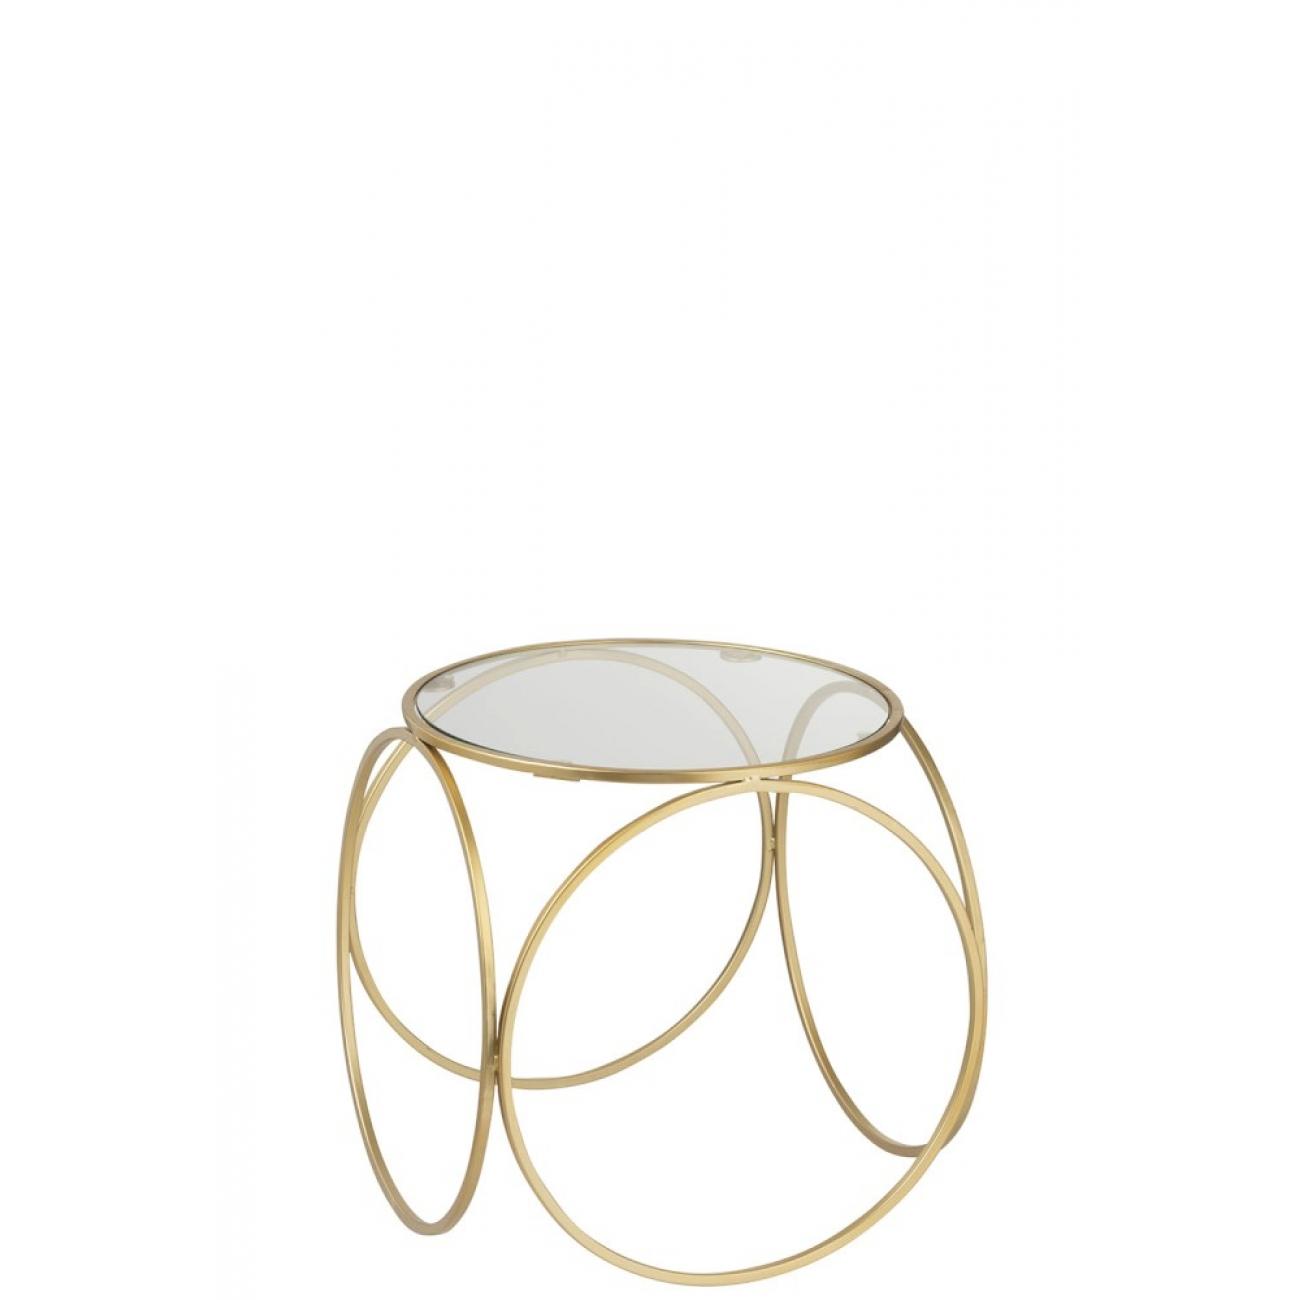 Журнальный столик J-LINE 38 см золотой со стеклом